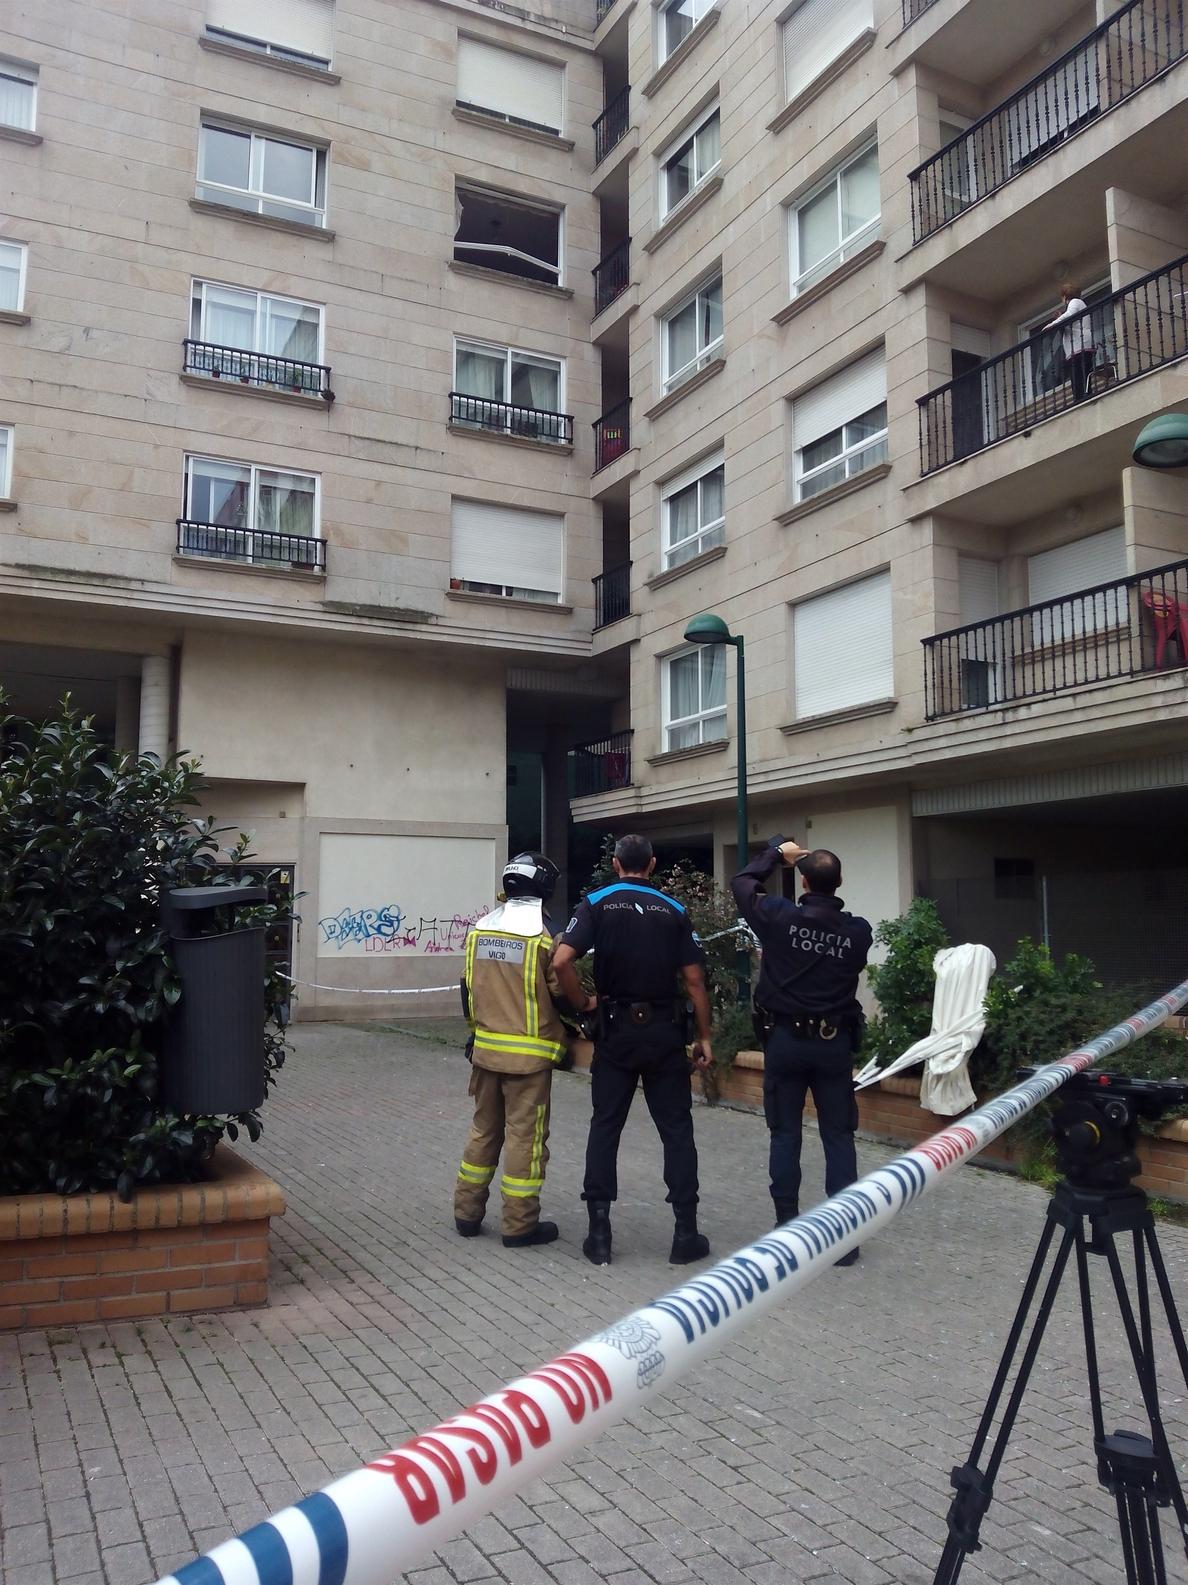 La explosión en un piso en Vigo deja heridos a un padre y su bebé y numerosos daños materiales